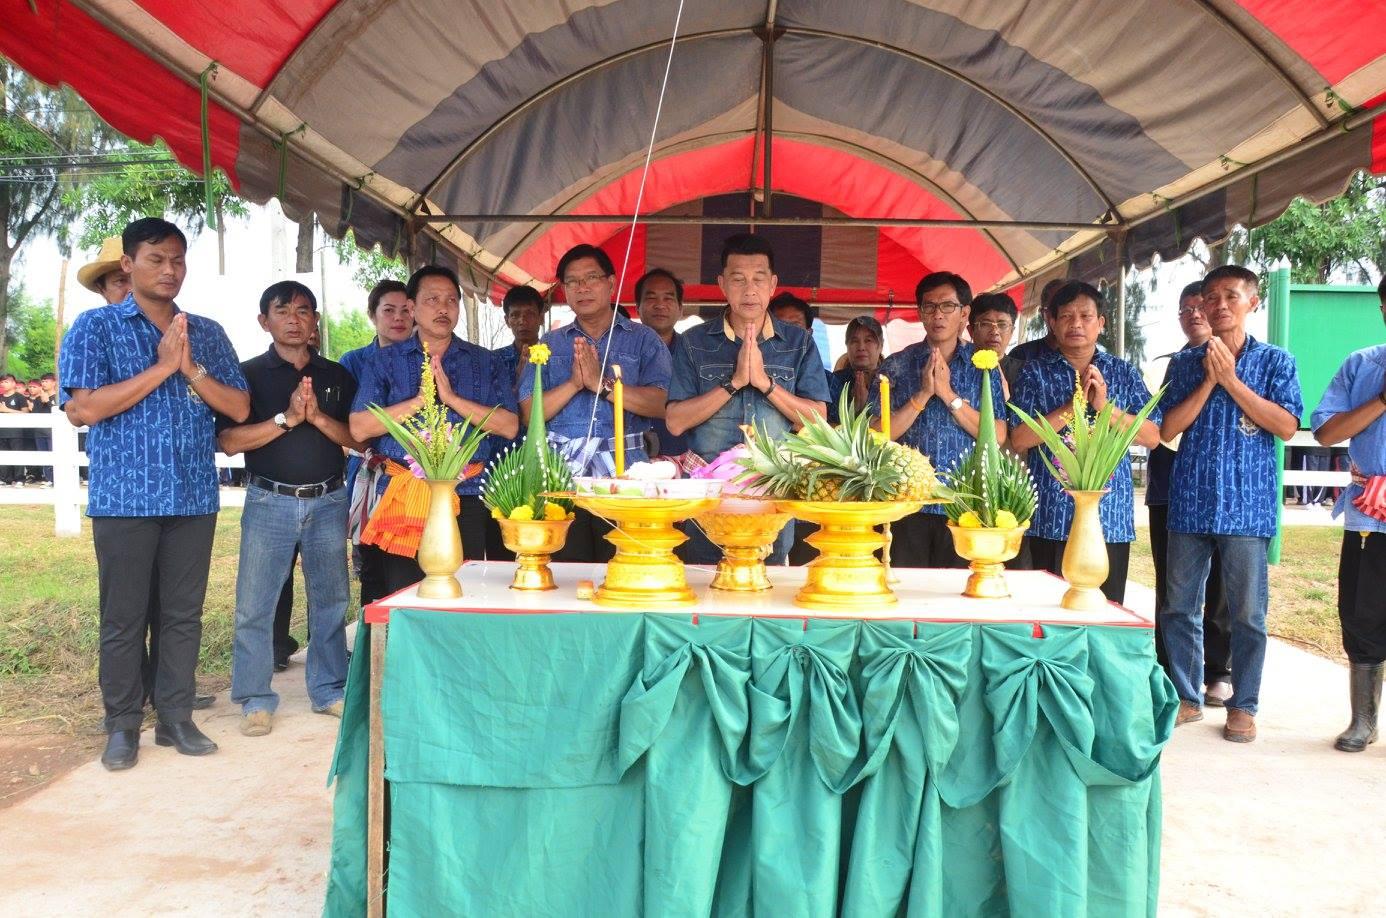 มทร.ล้านนา พิษณุโลก ร่วมใจสืบสานวิถีข้าวไทย มุ่งก้าวเข้าสู่การเป็นสถาบันการเรียนรู้เกษตรปลอดภัย รับน้องใหม่ด้วยการลงแขกดำนา